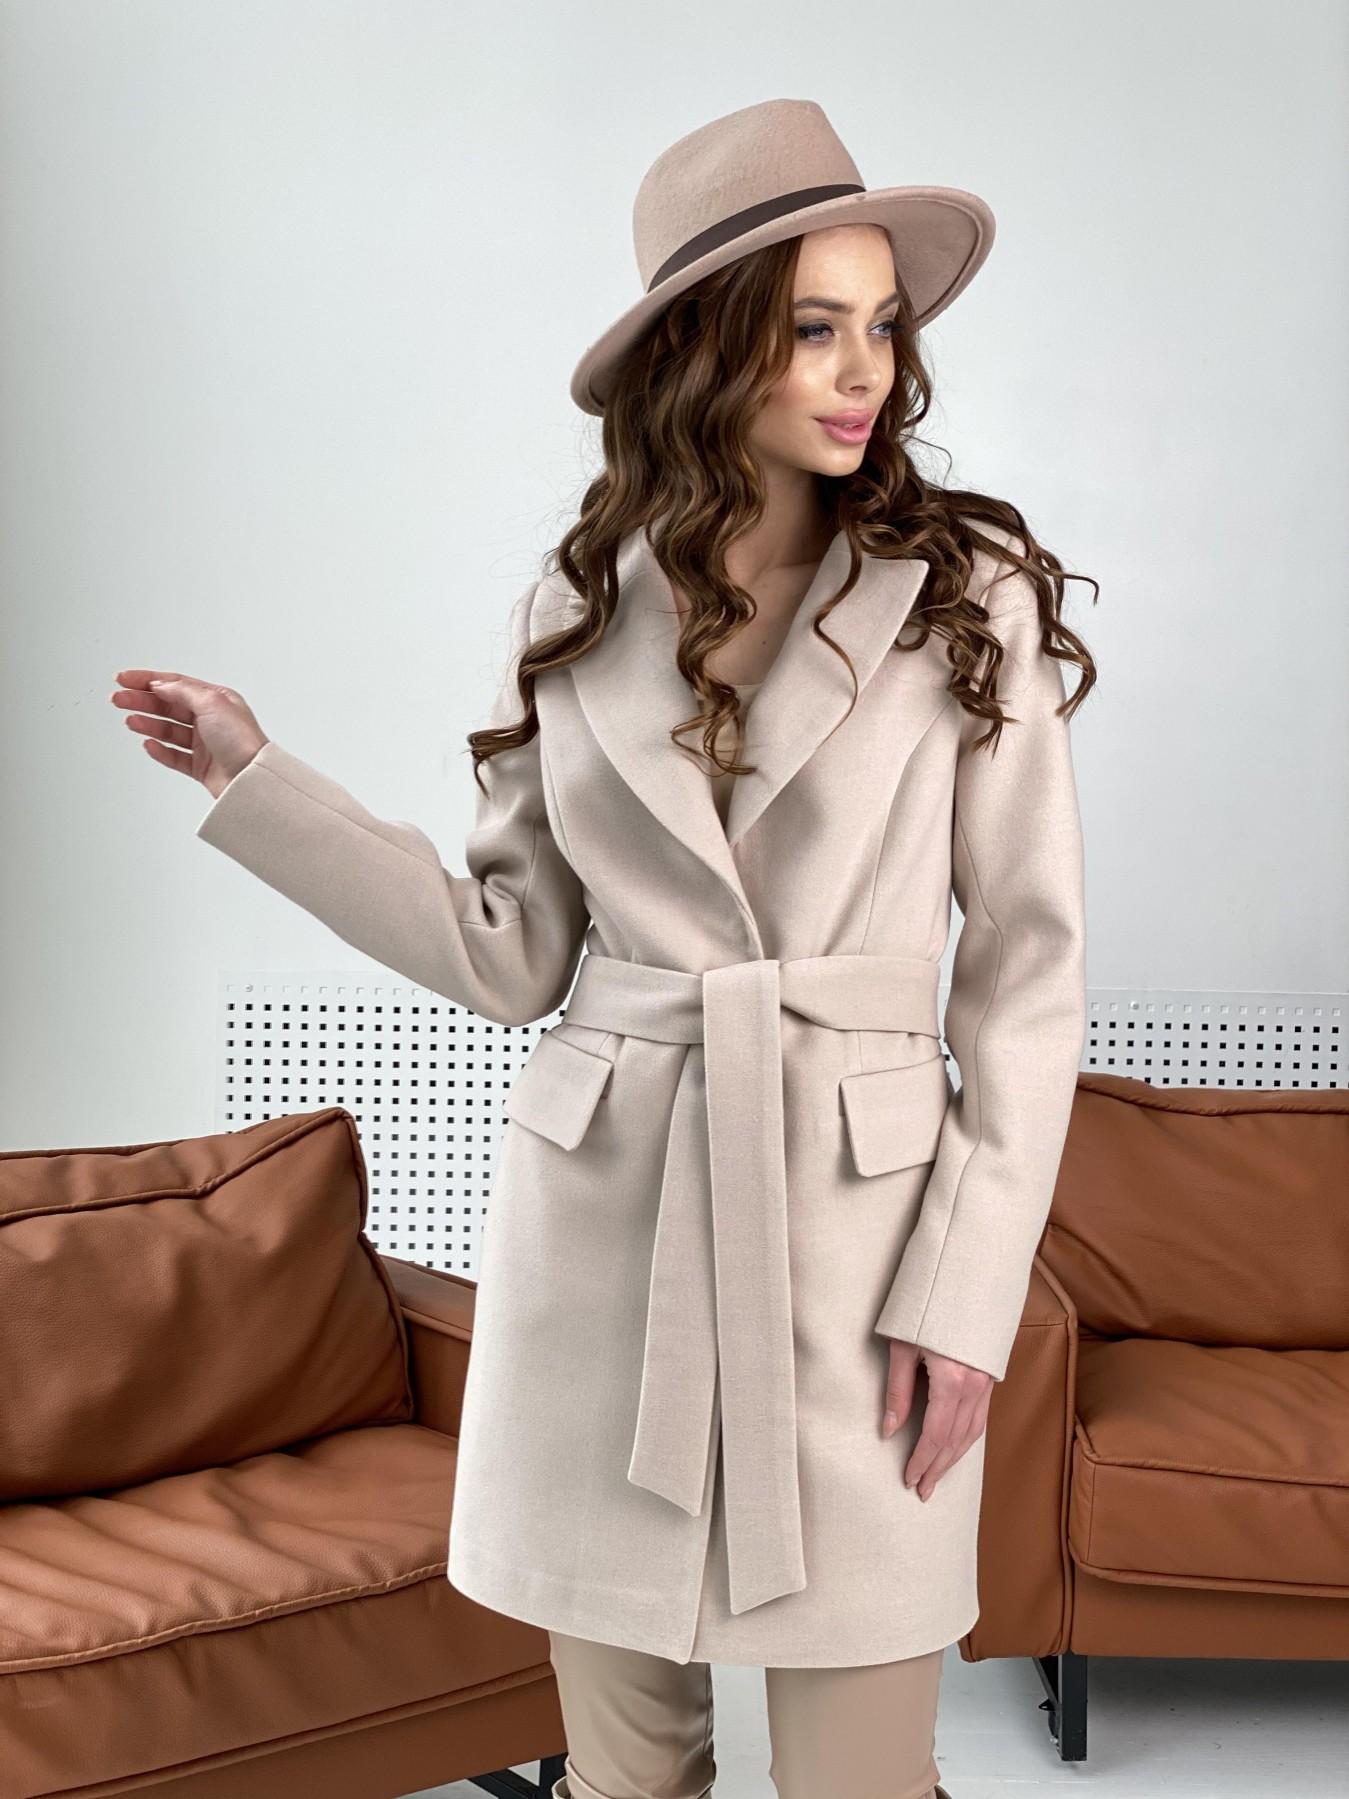 Демисезонное пальто от производителя Modus Корсипальто из гладкого кашемира 10893